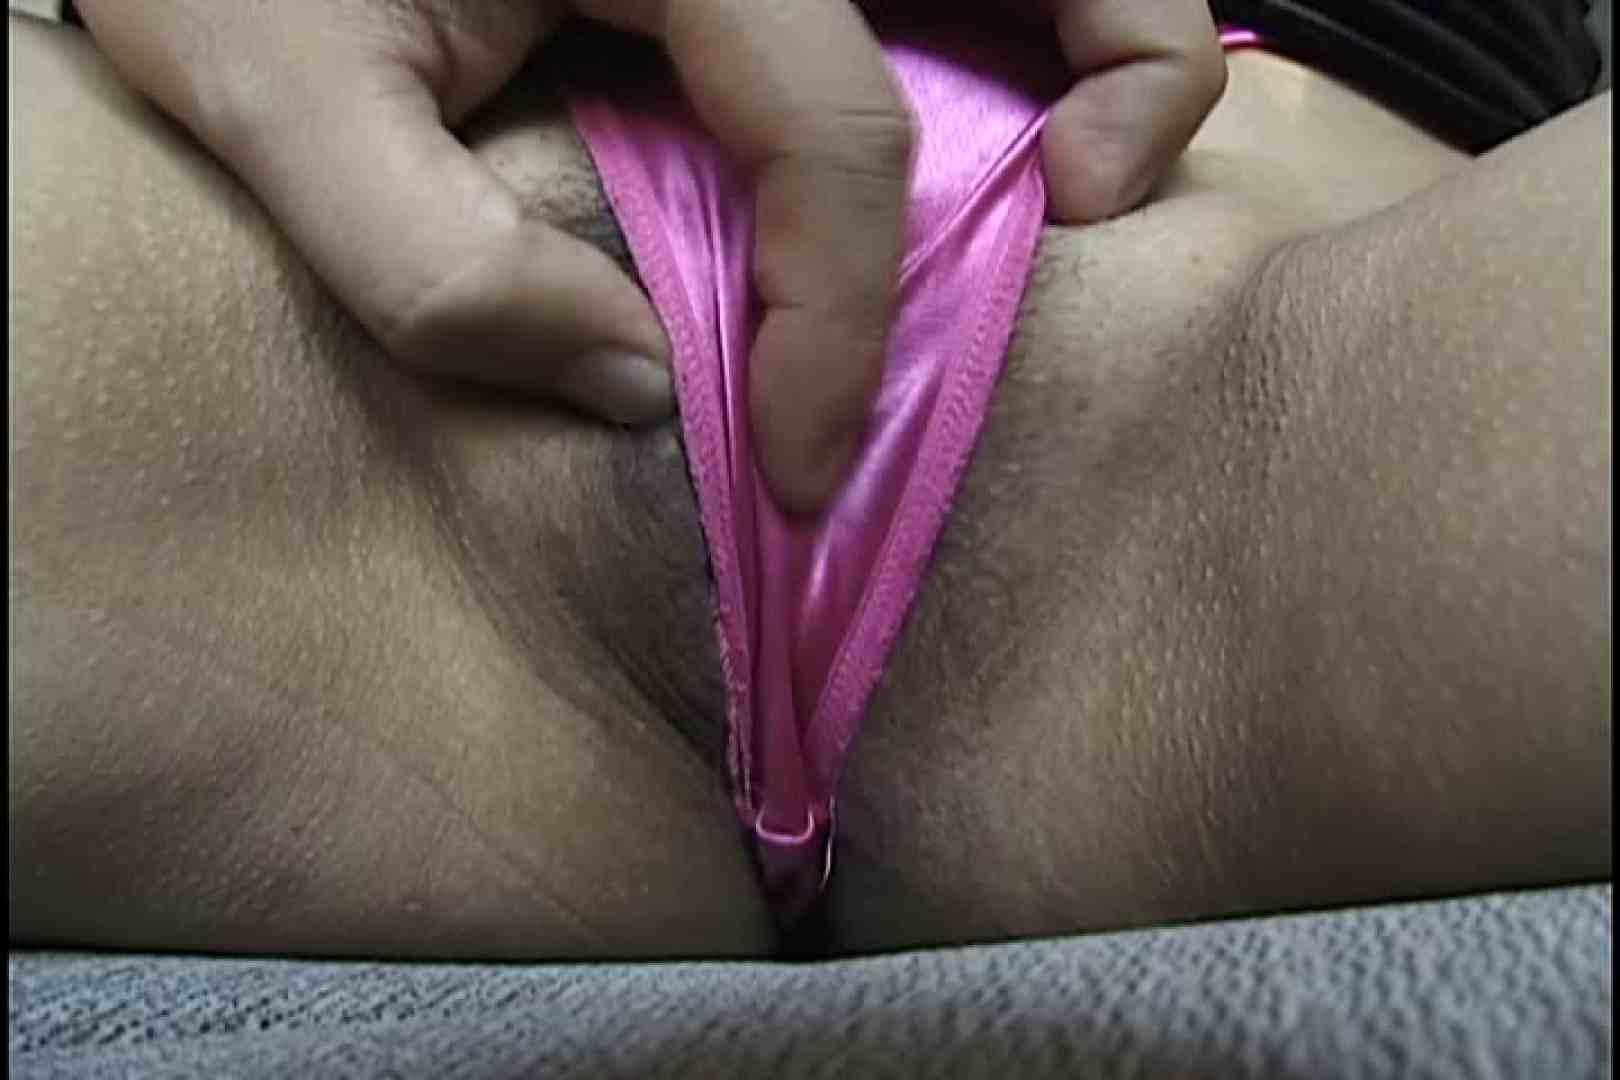 美巨乳Eカップの三十路美人妻と淫乱SEX~島田琴江~ 車 セックス画像 45連発 26